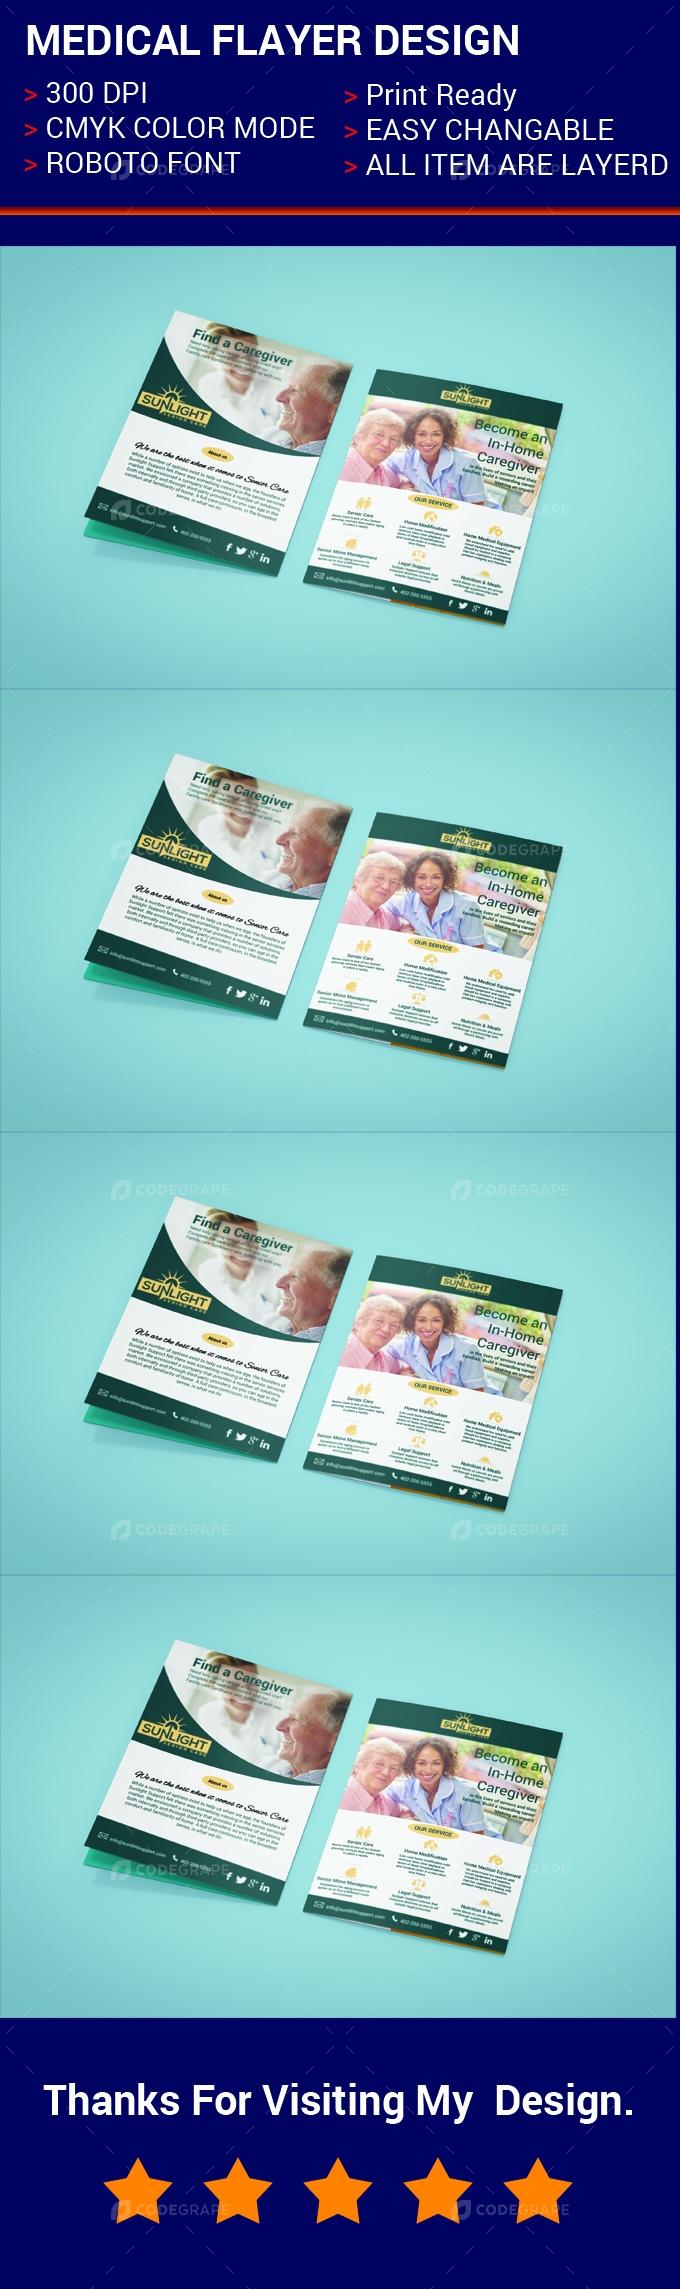 Medical DL Flyer